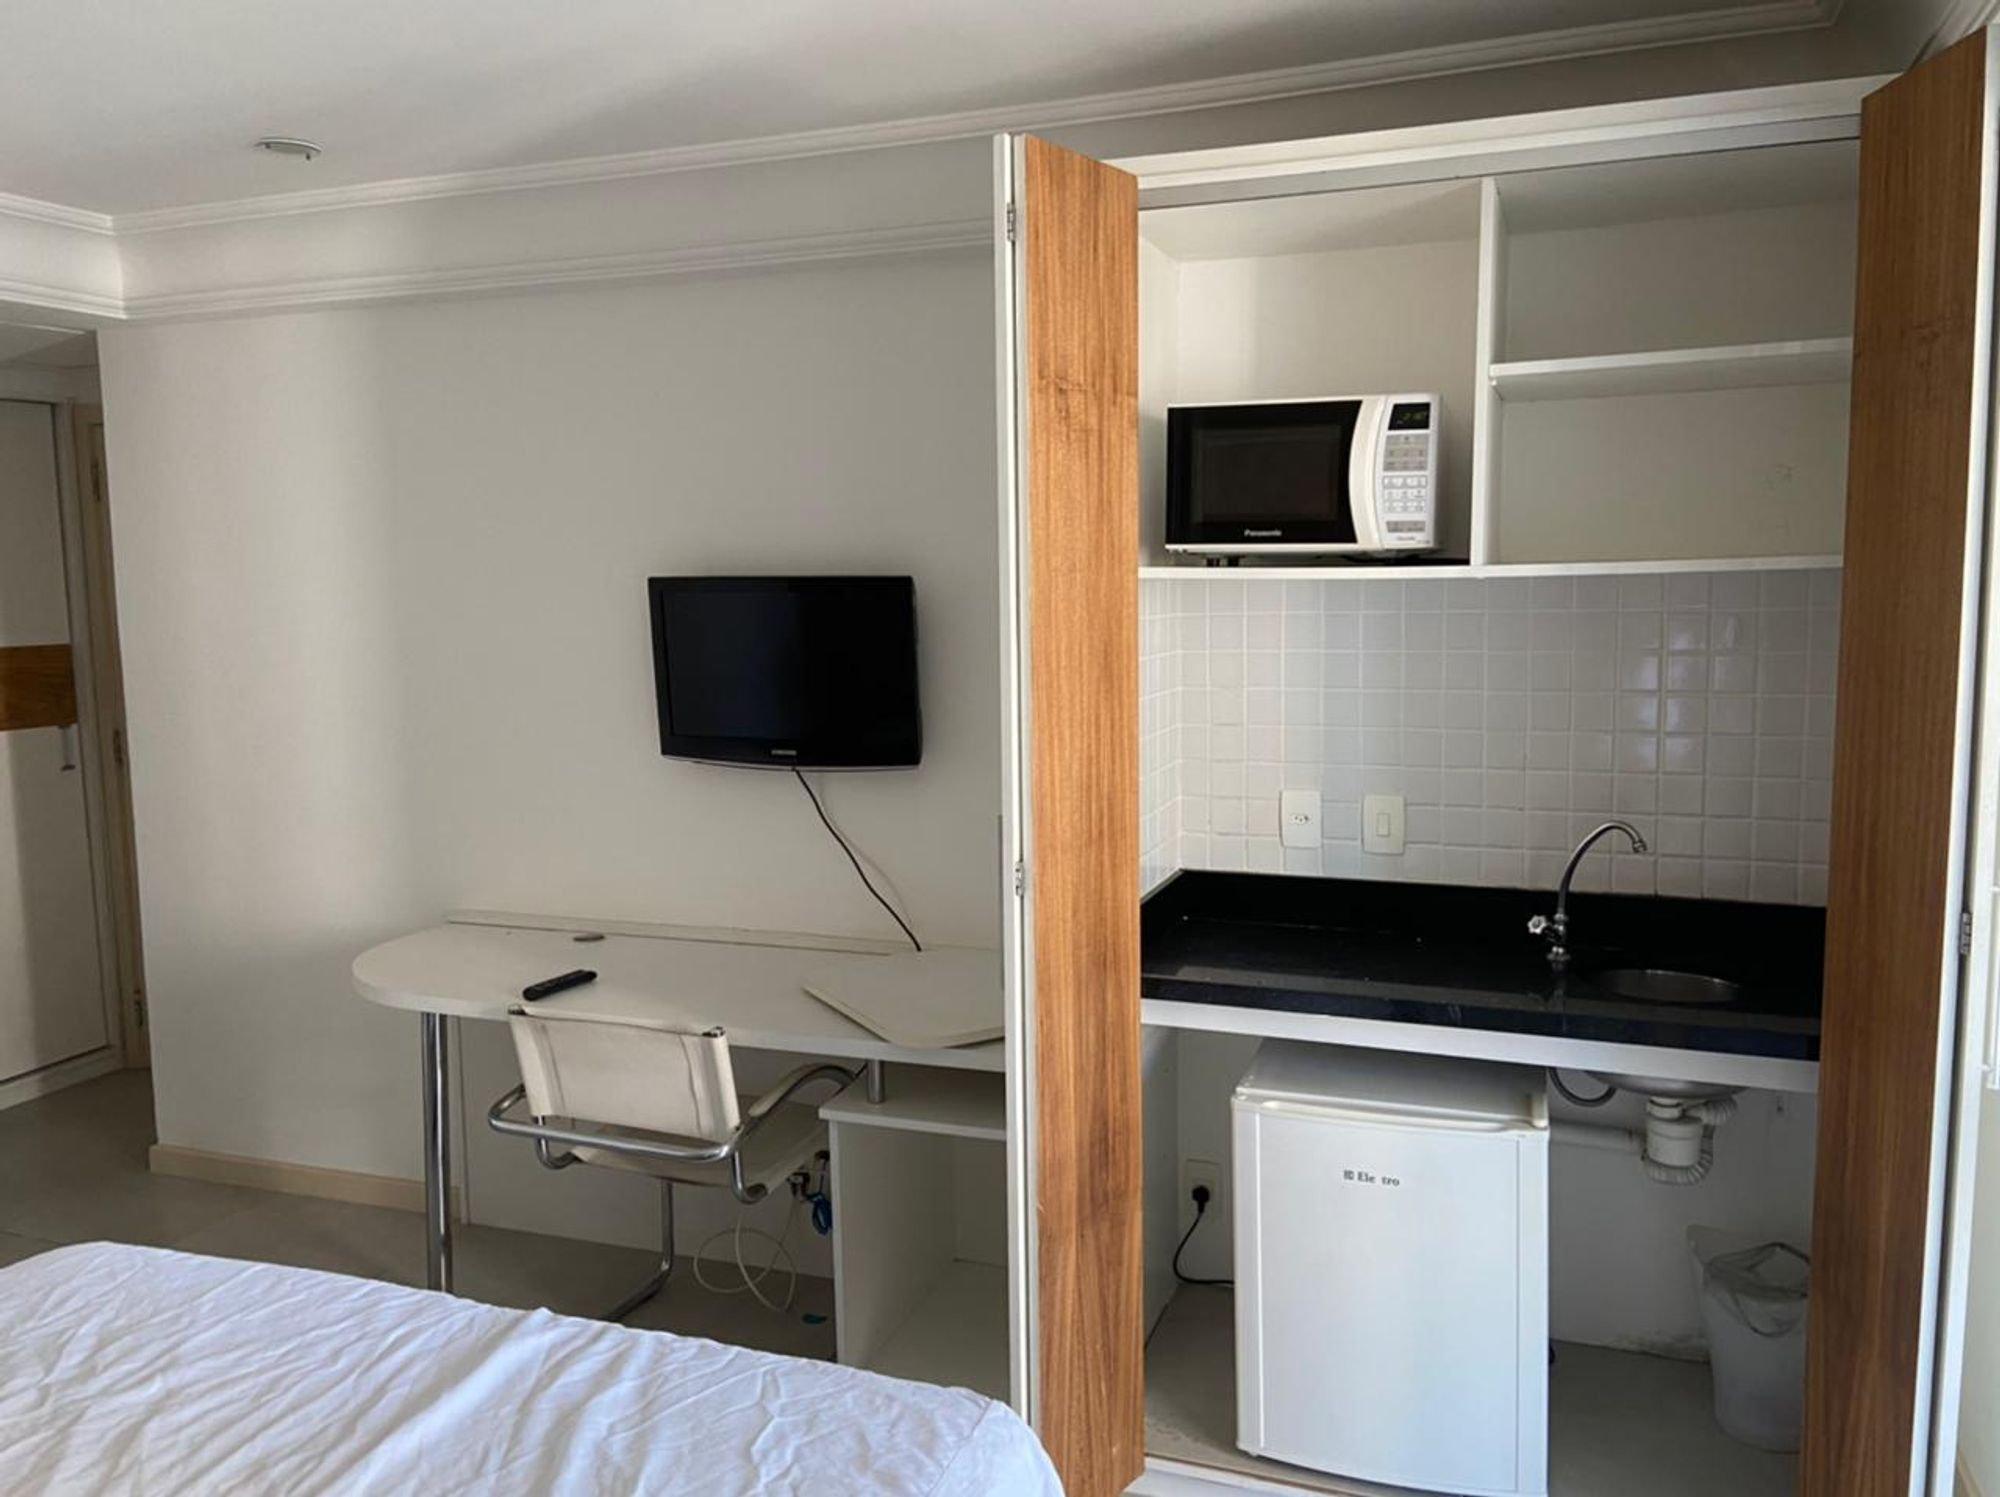 Foto de Cozinha com cama, televisão, computador portátil, microondas